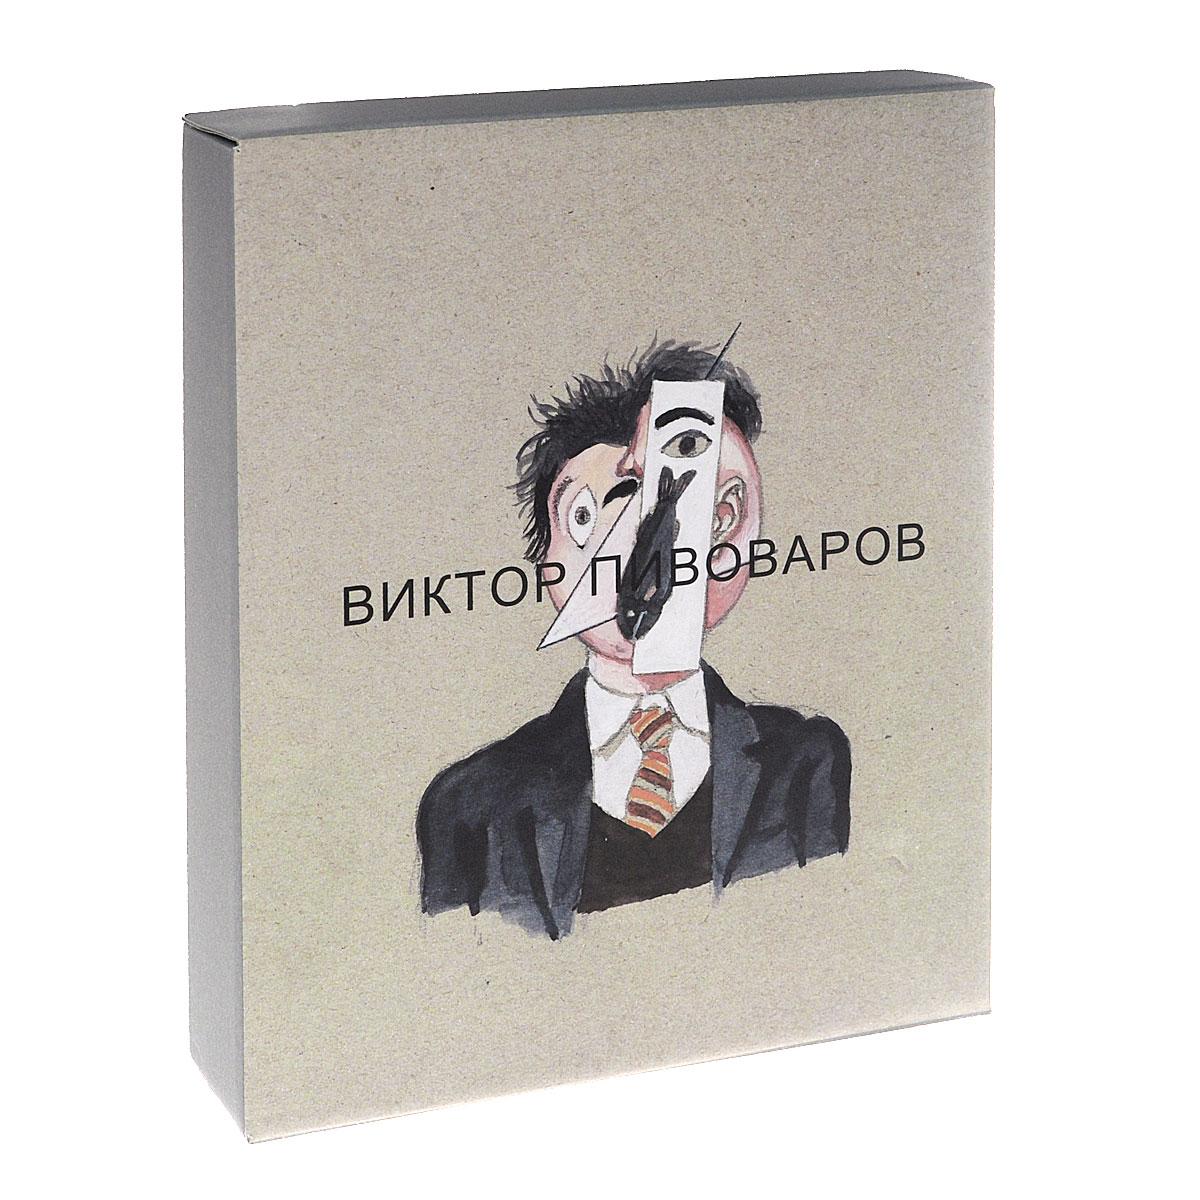 Виктор Пивоваров / Vicktor Pivovarov (комплект из 2 книг). Доставка по России